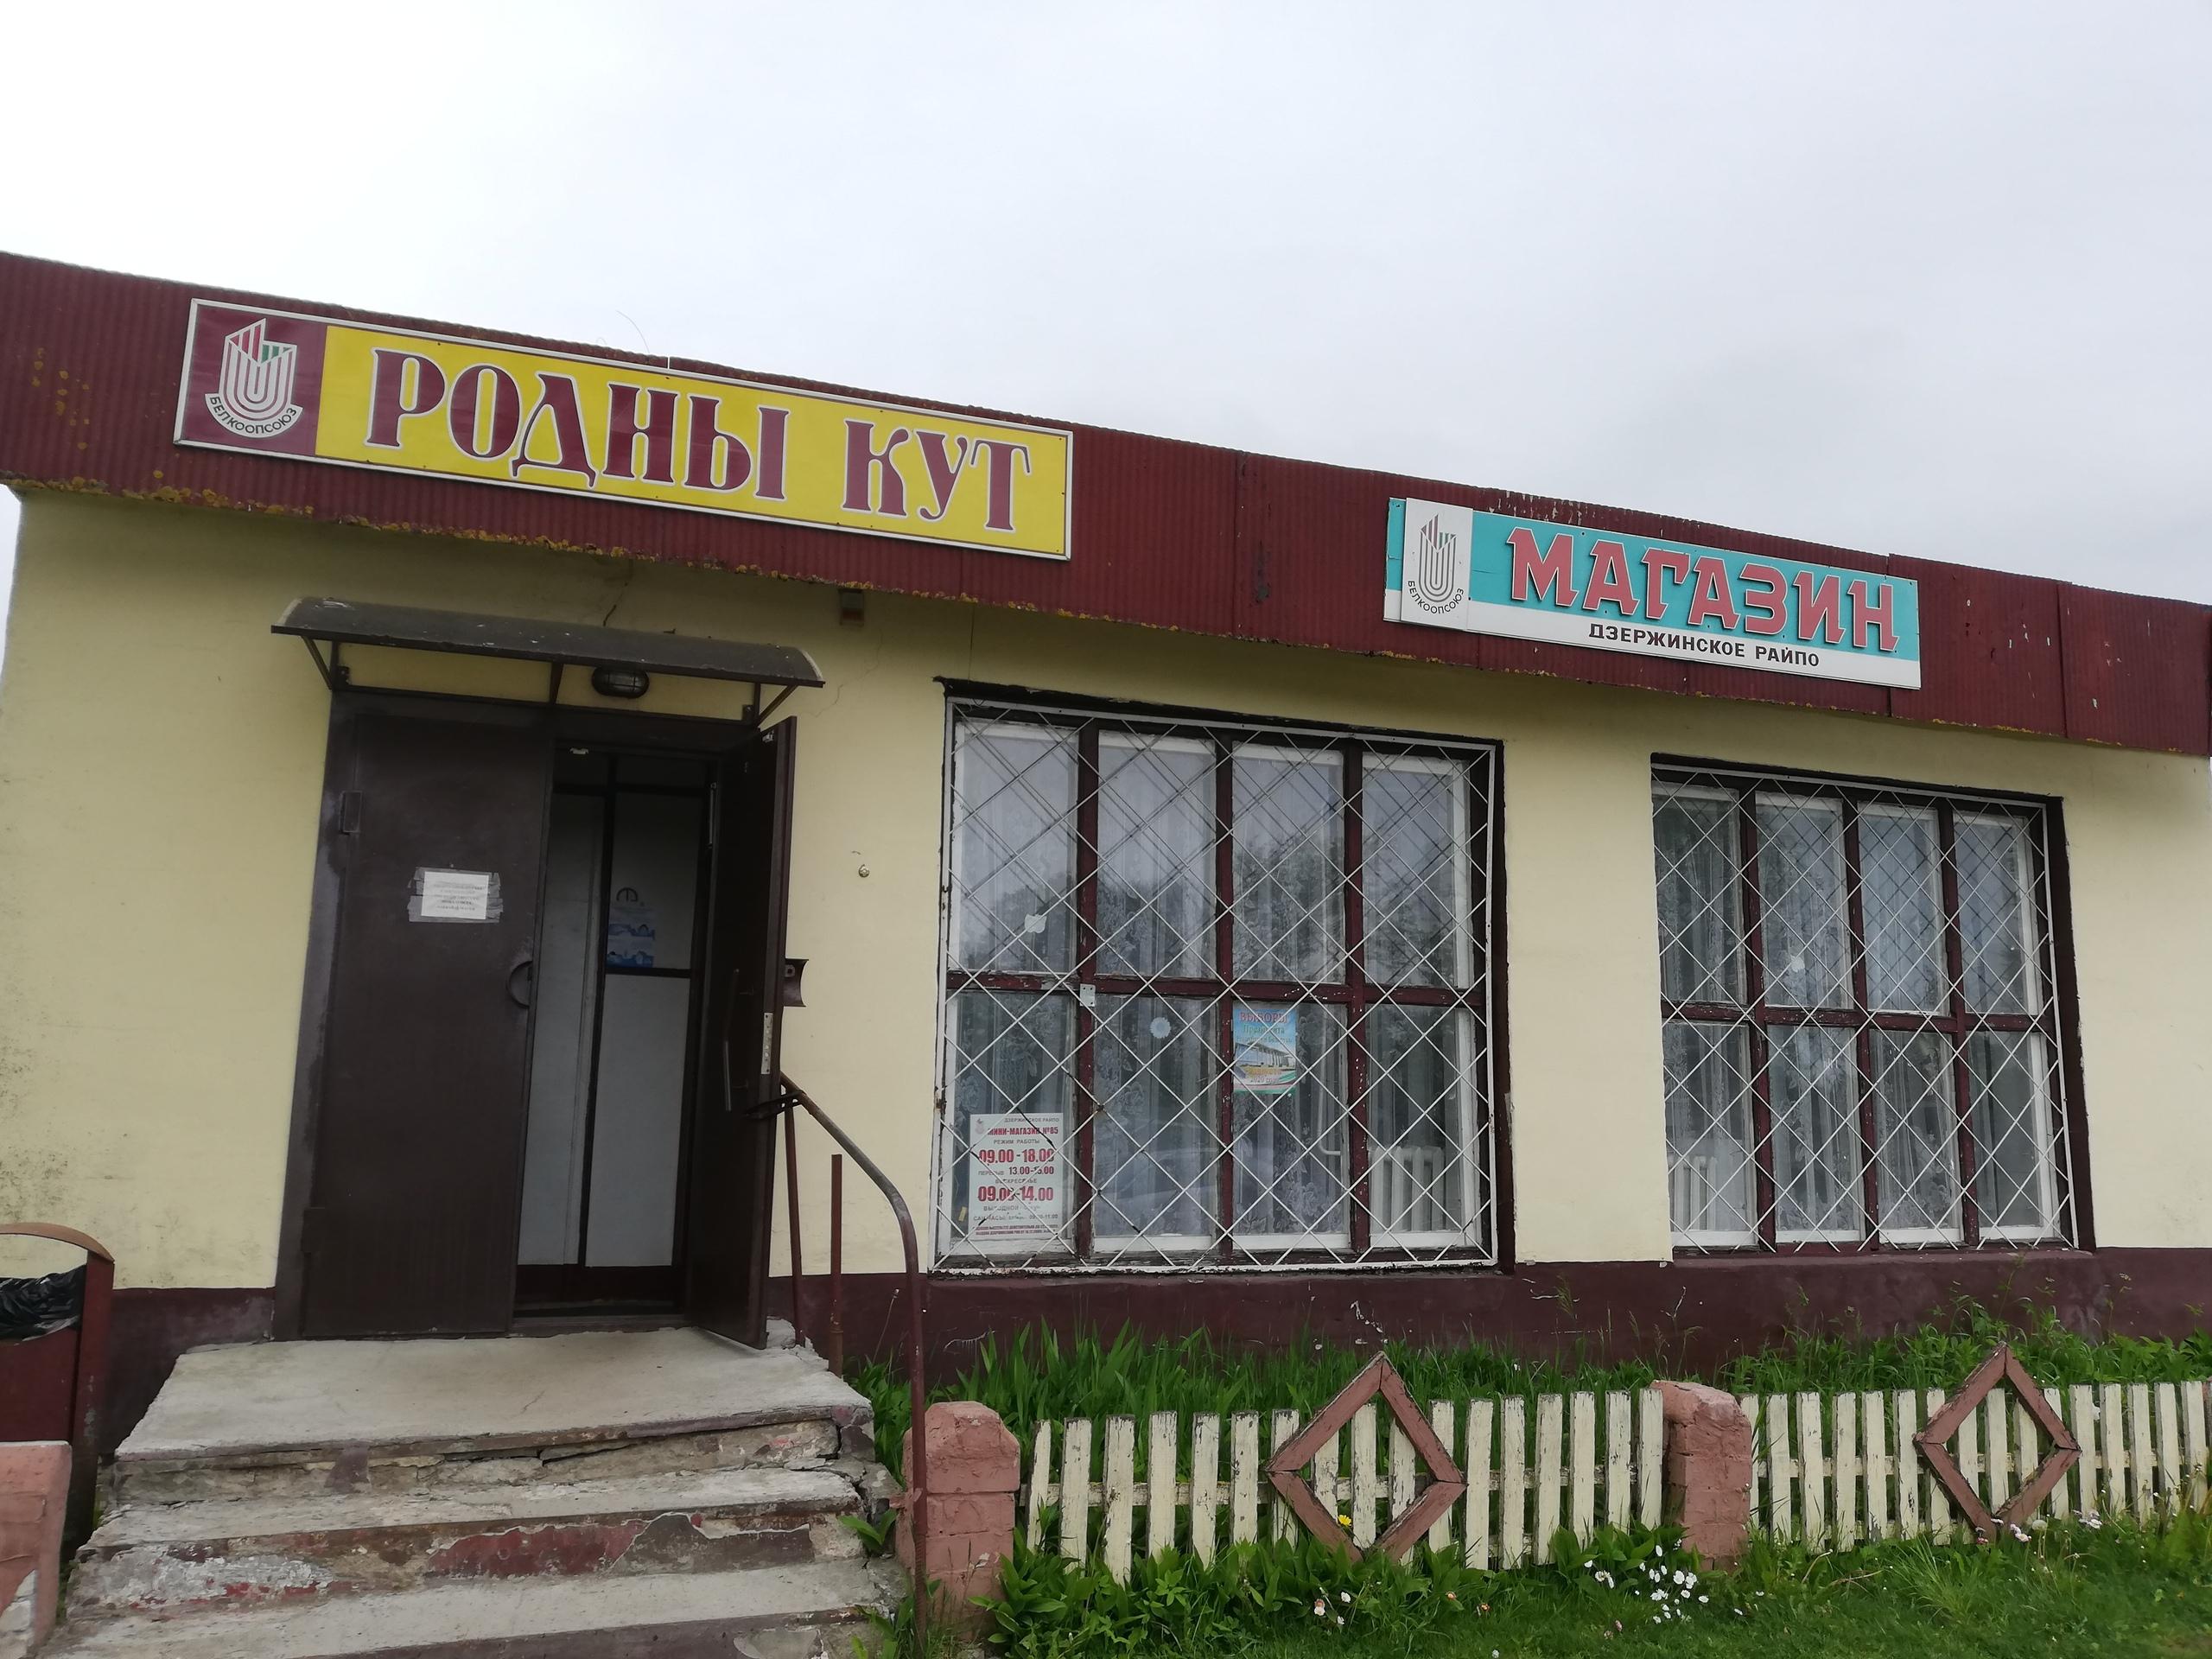 В Беларуси что ни продавец, то кремень, во всяком случае в деревенских магазинах